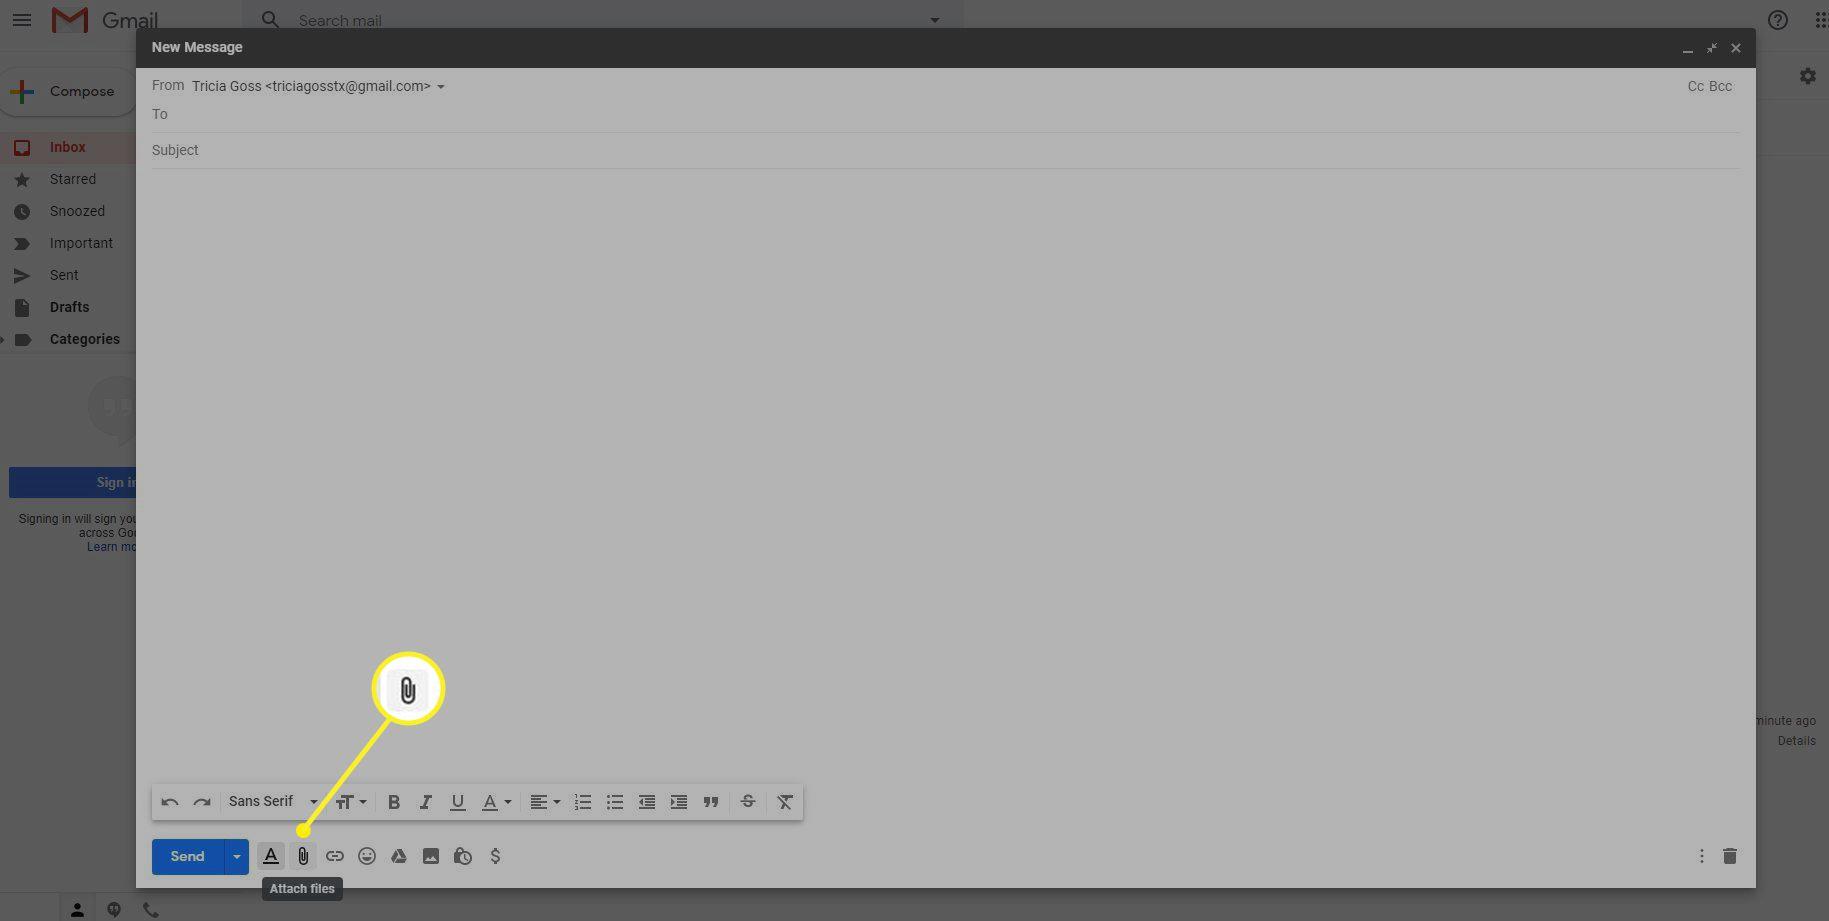 Attach Files icon in Gmail